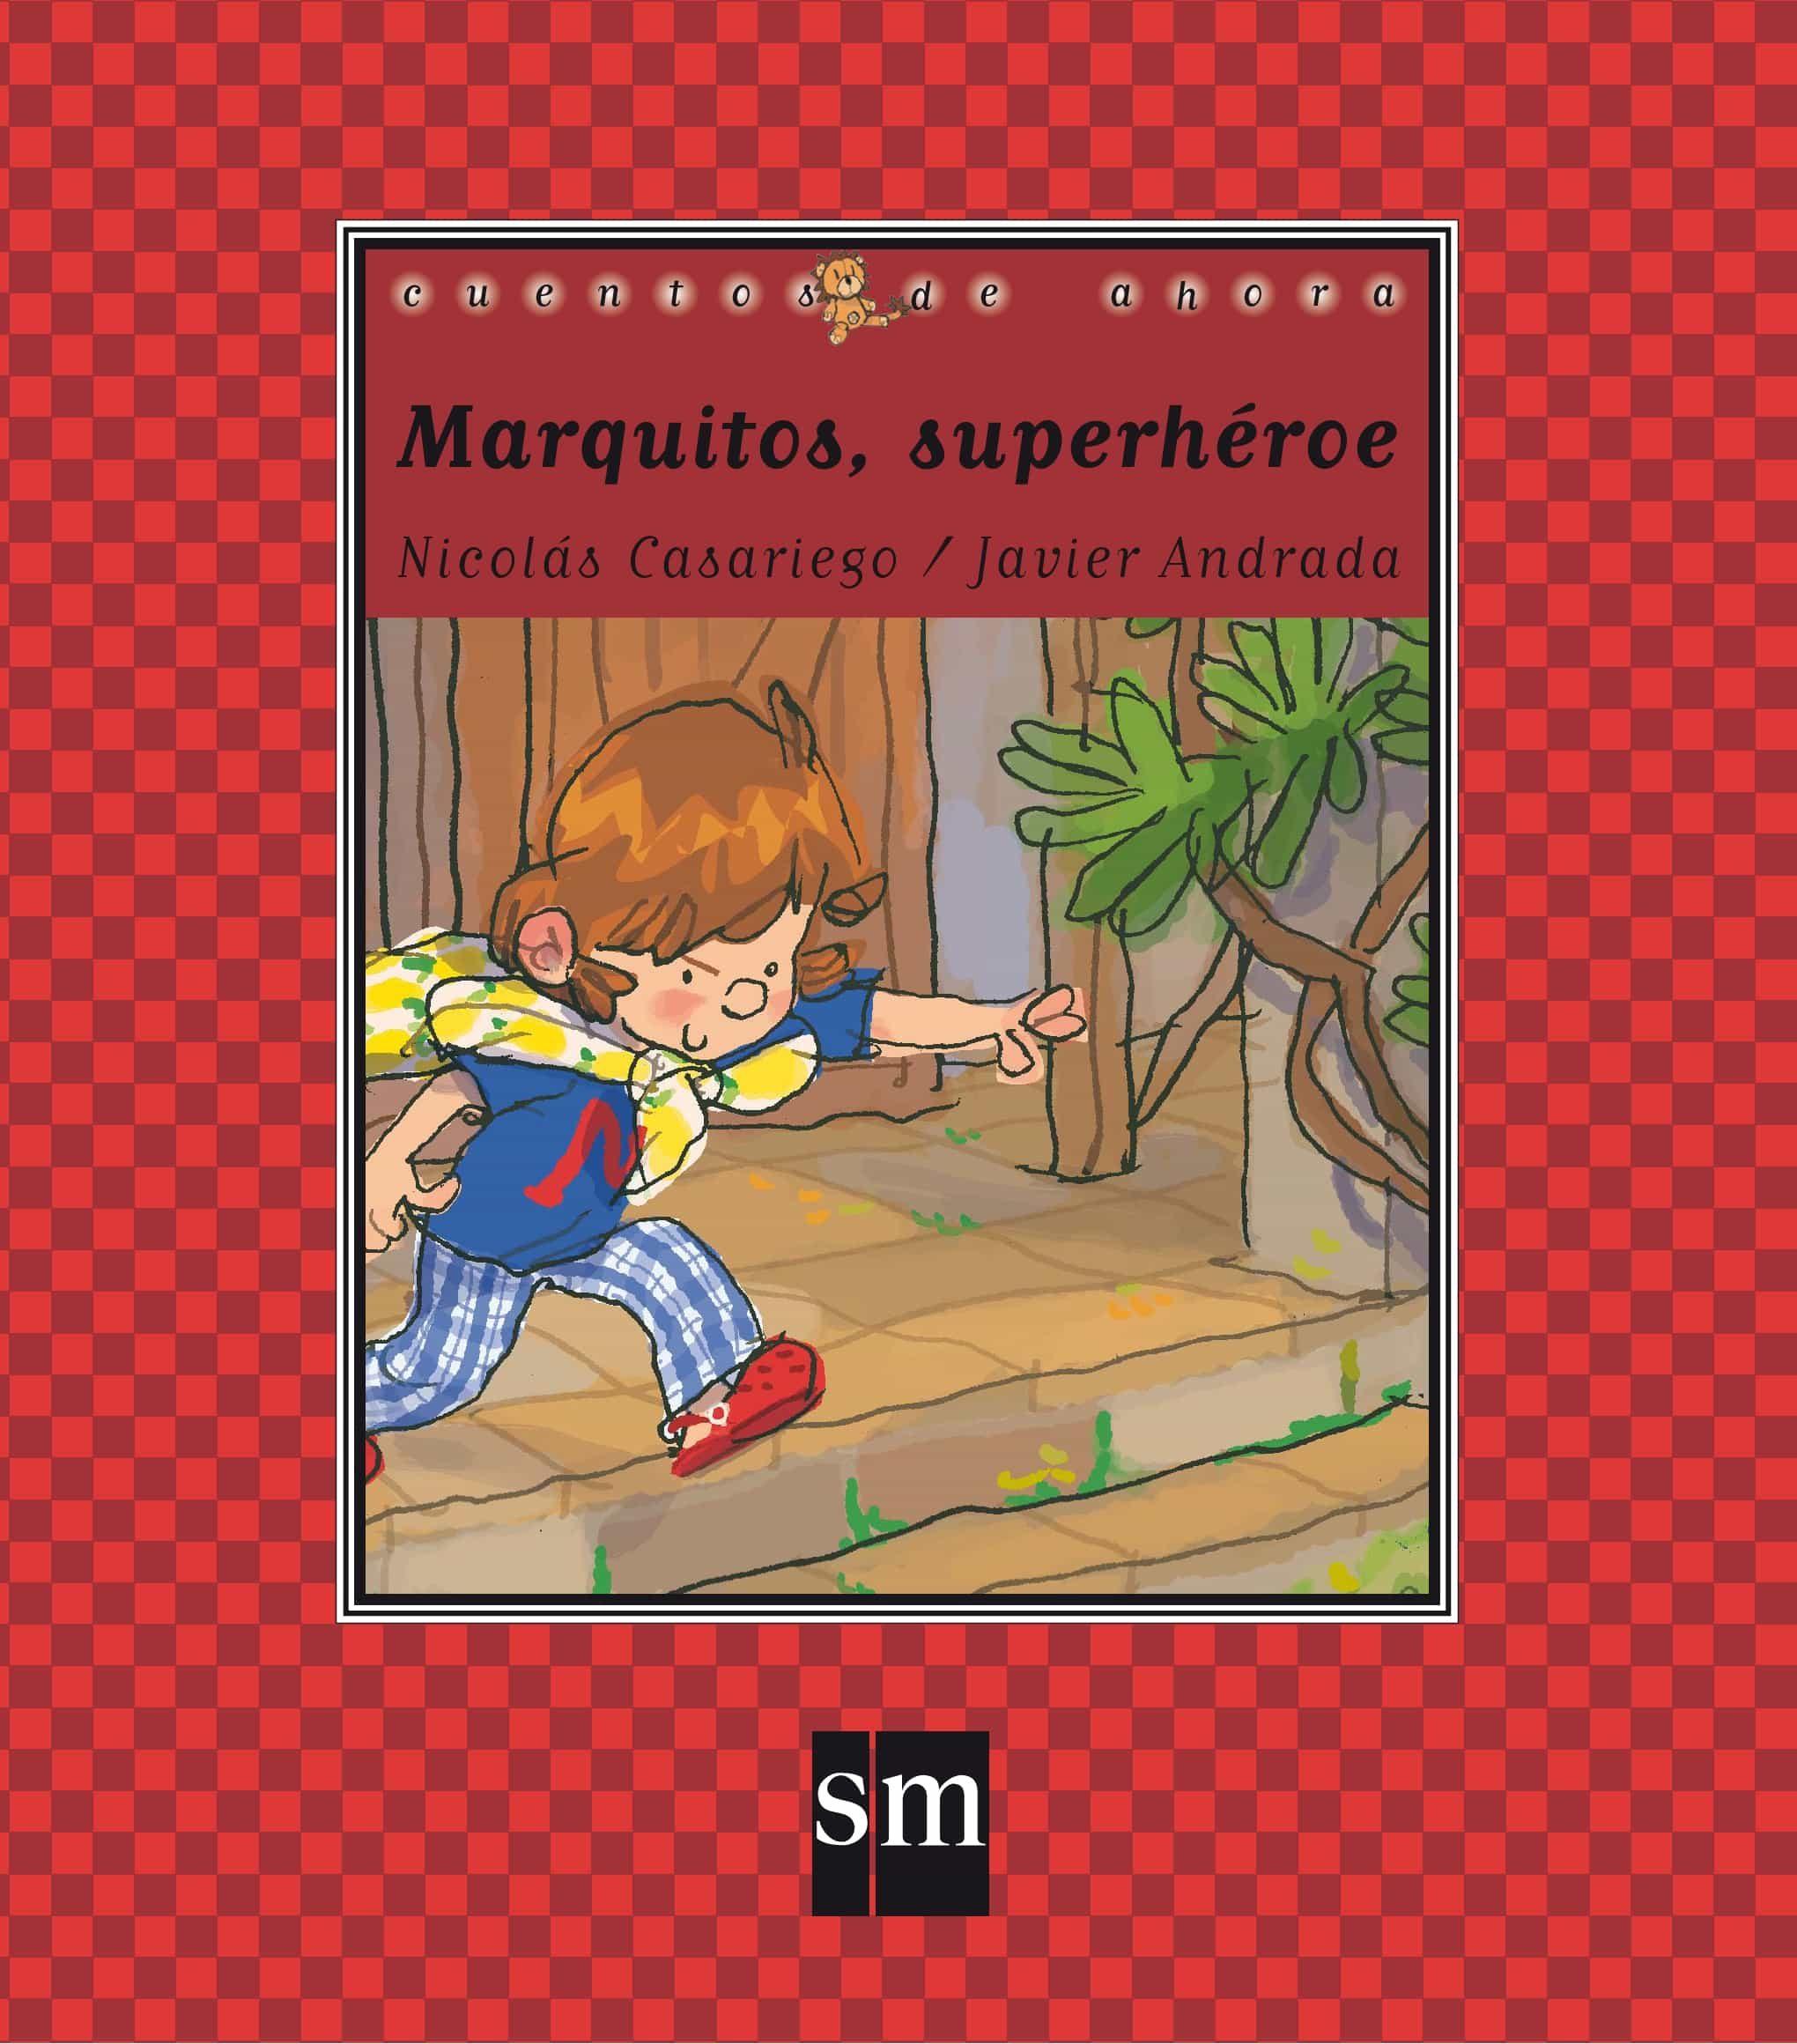 Marquitos Superhéroe por Nicolas Casariego